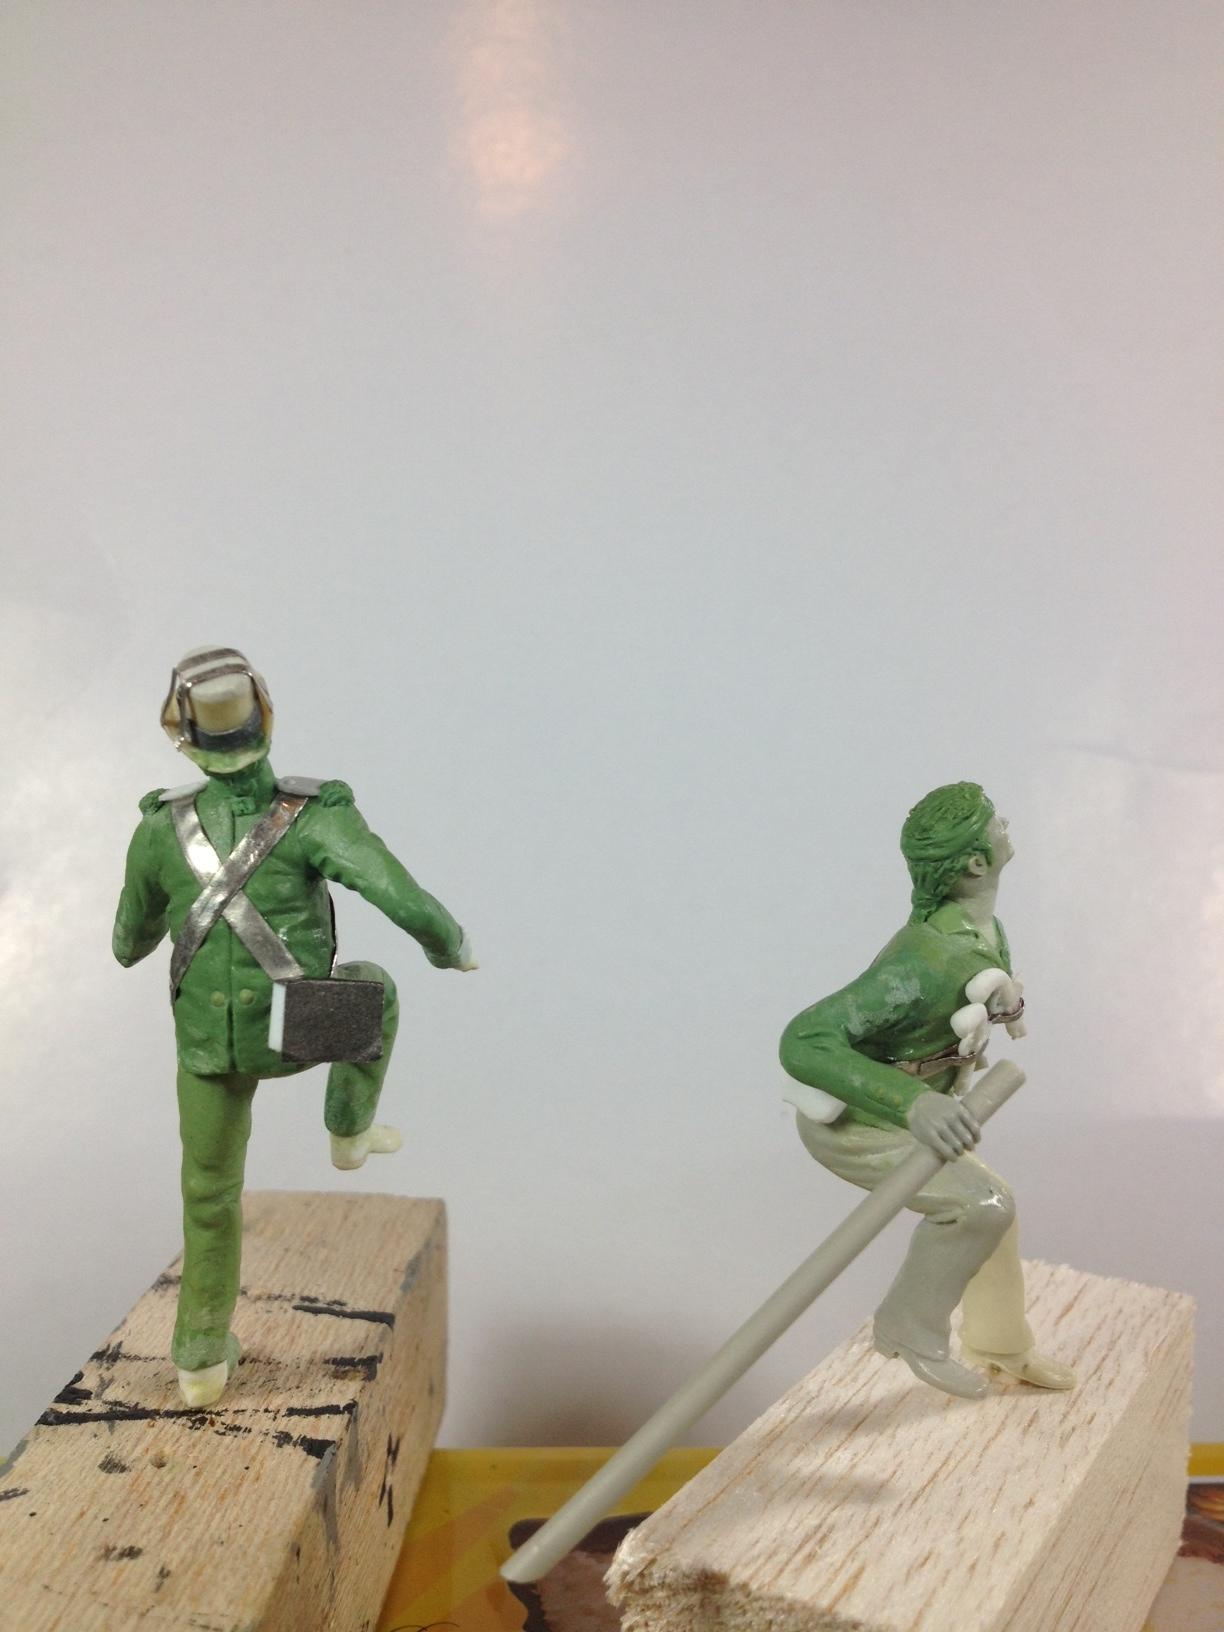 10 B sculpts jan 13 2.JPG